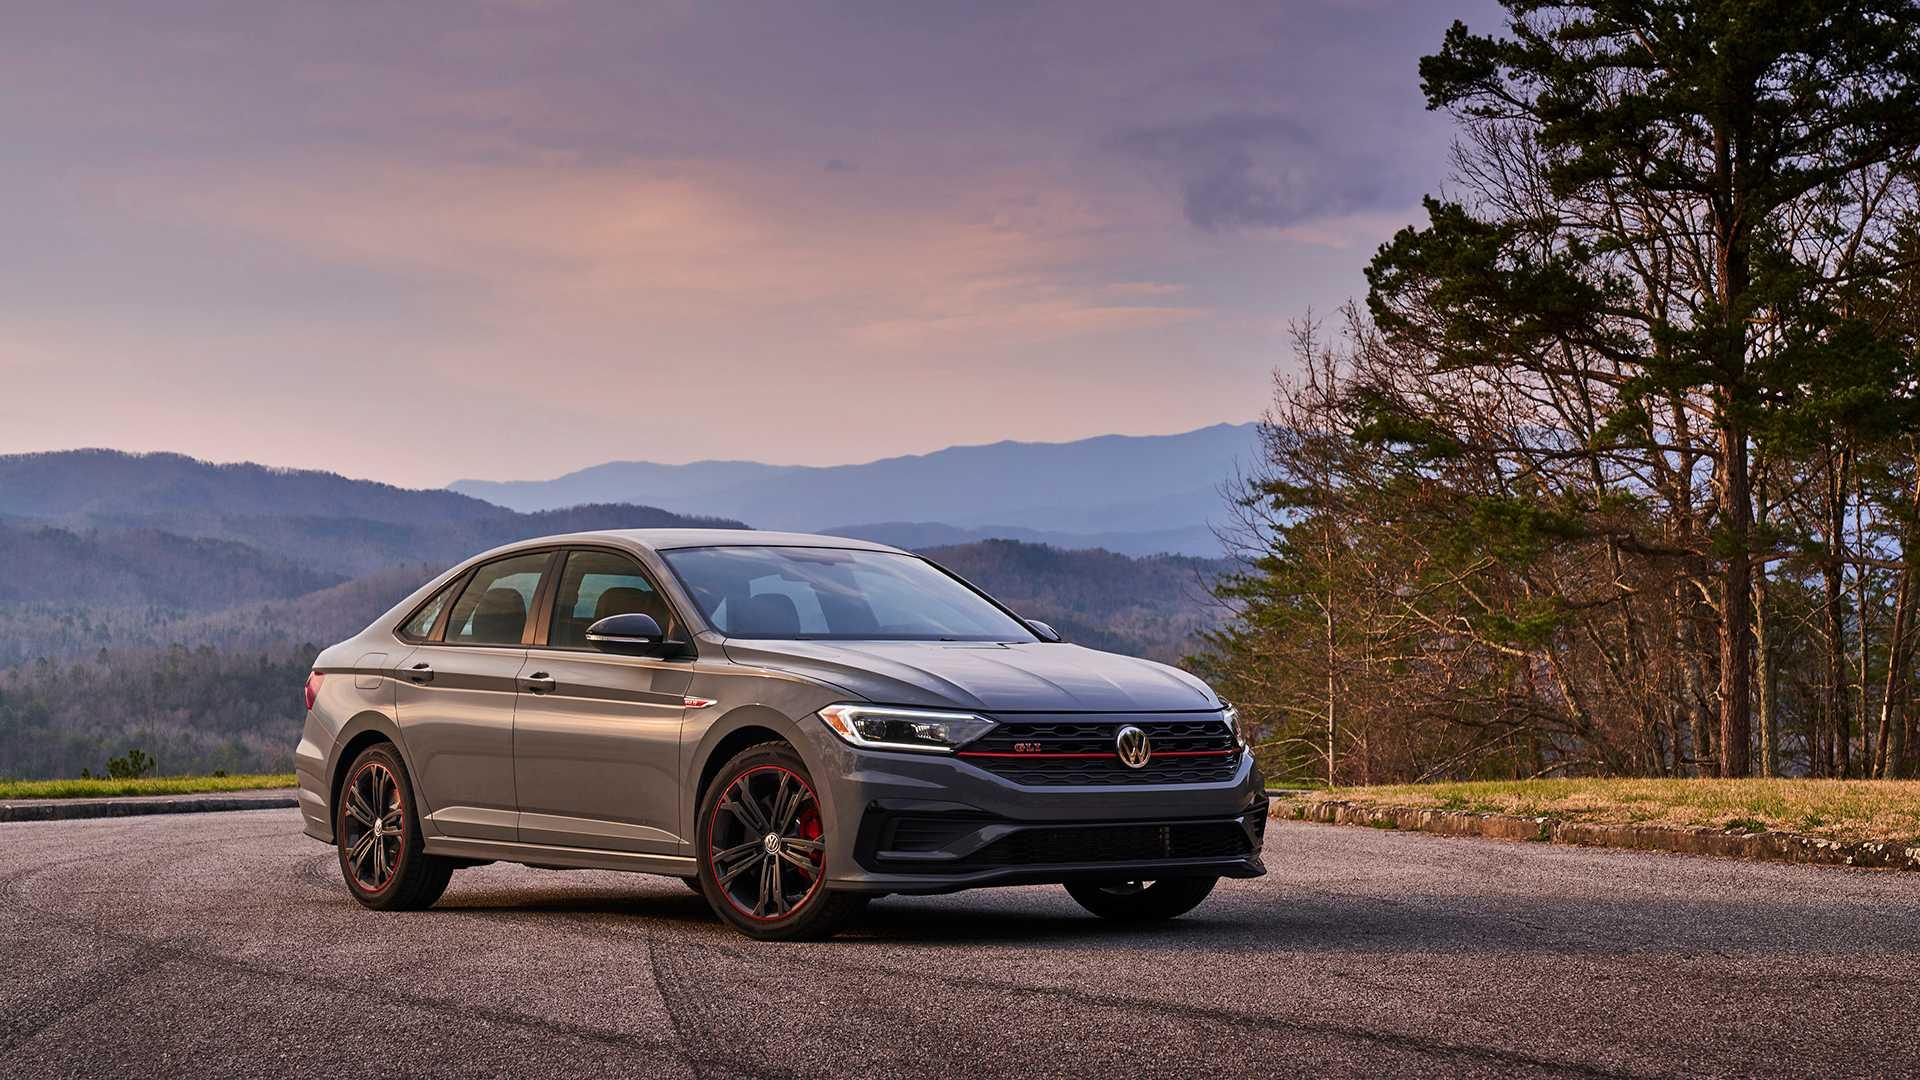 2019 Volkswagen Jetta GLI front 3/4